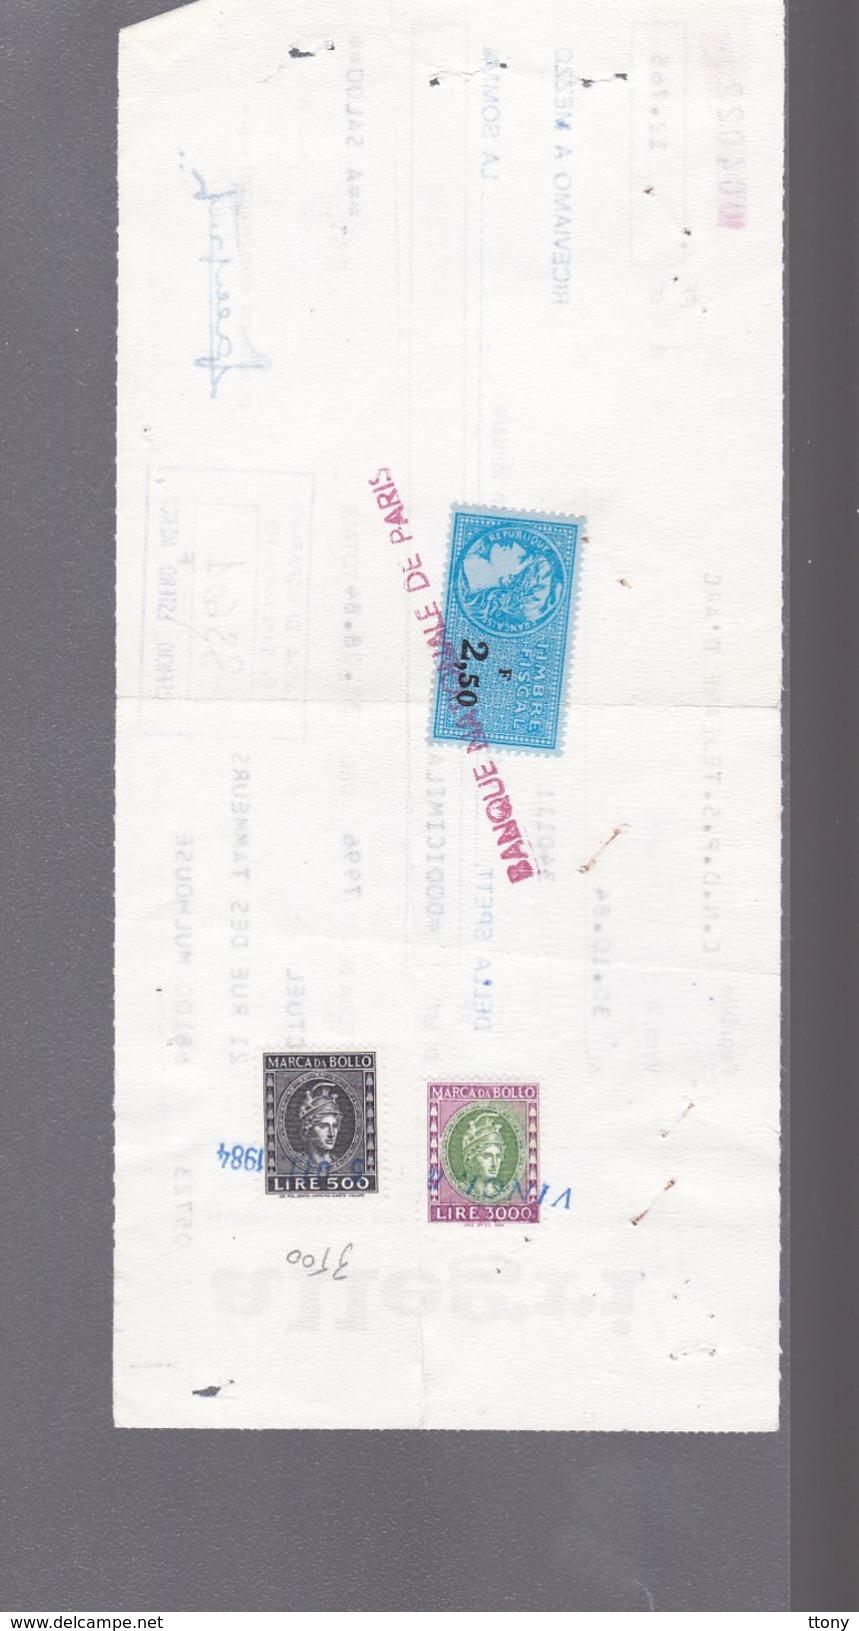 Taxes   Lire 500 Et Lire 3000  Marca Da Bollo    Et 2,50 F France : Acte Banque  1984 - Otros